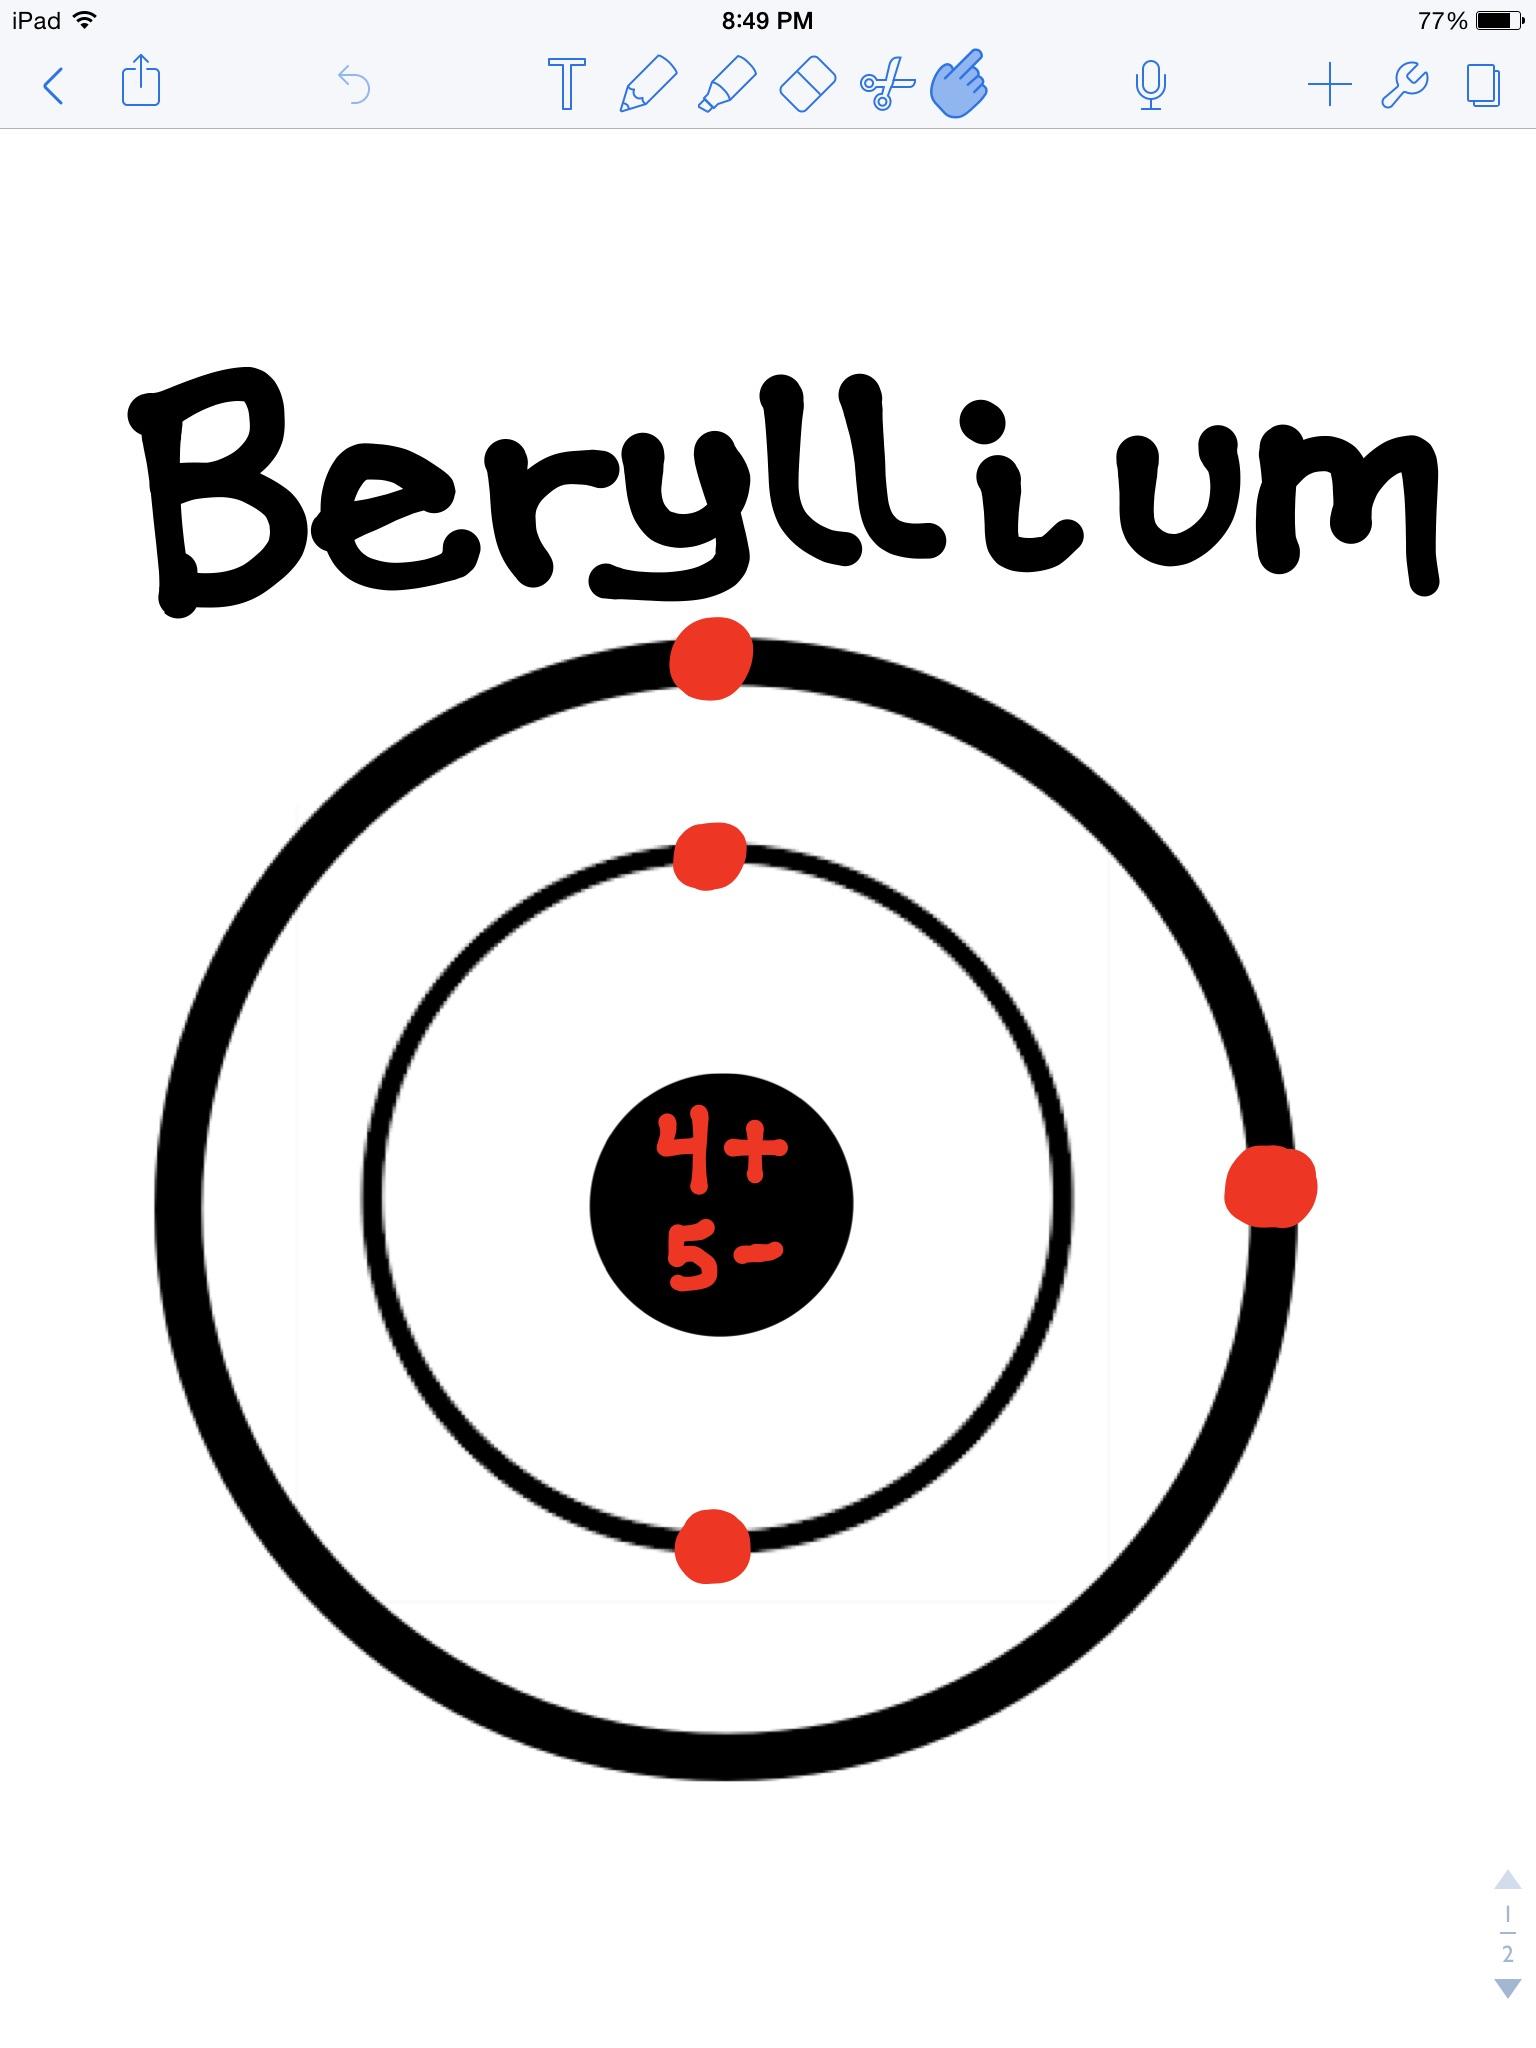 Beryllium model diagram search for wiring diagrams beryllium bohr model thinglink rh thinglink com boron diagram fluorine diagram ccuart Images